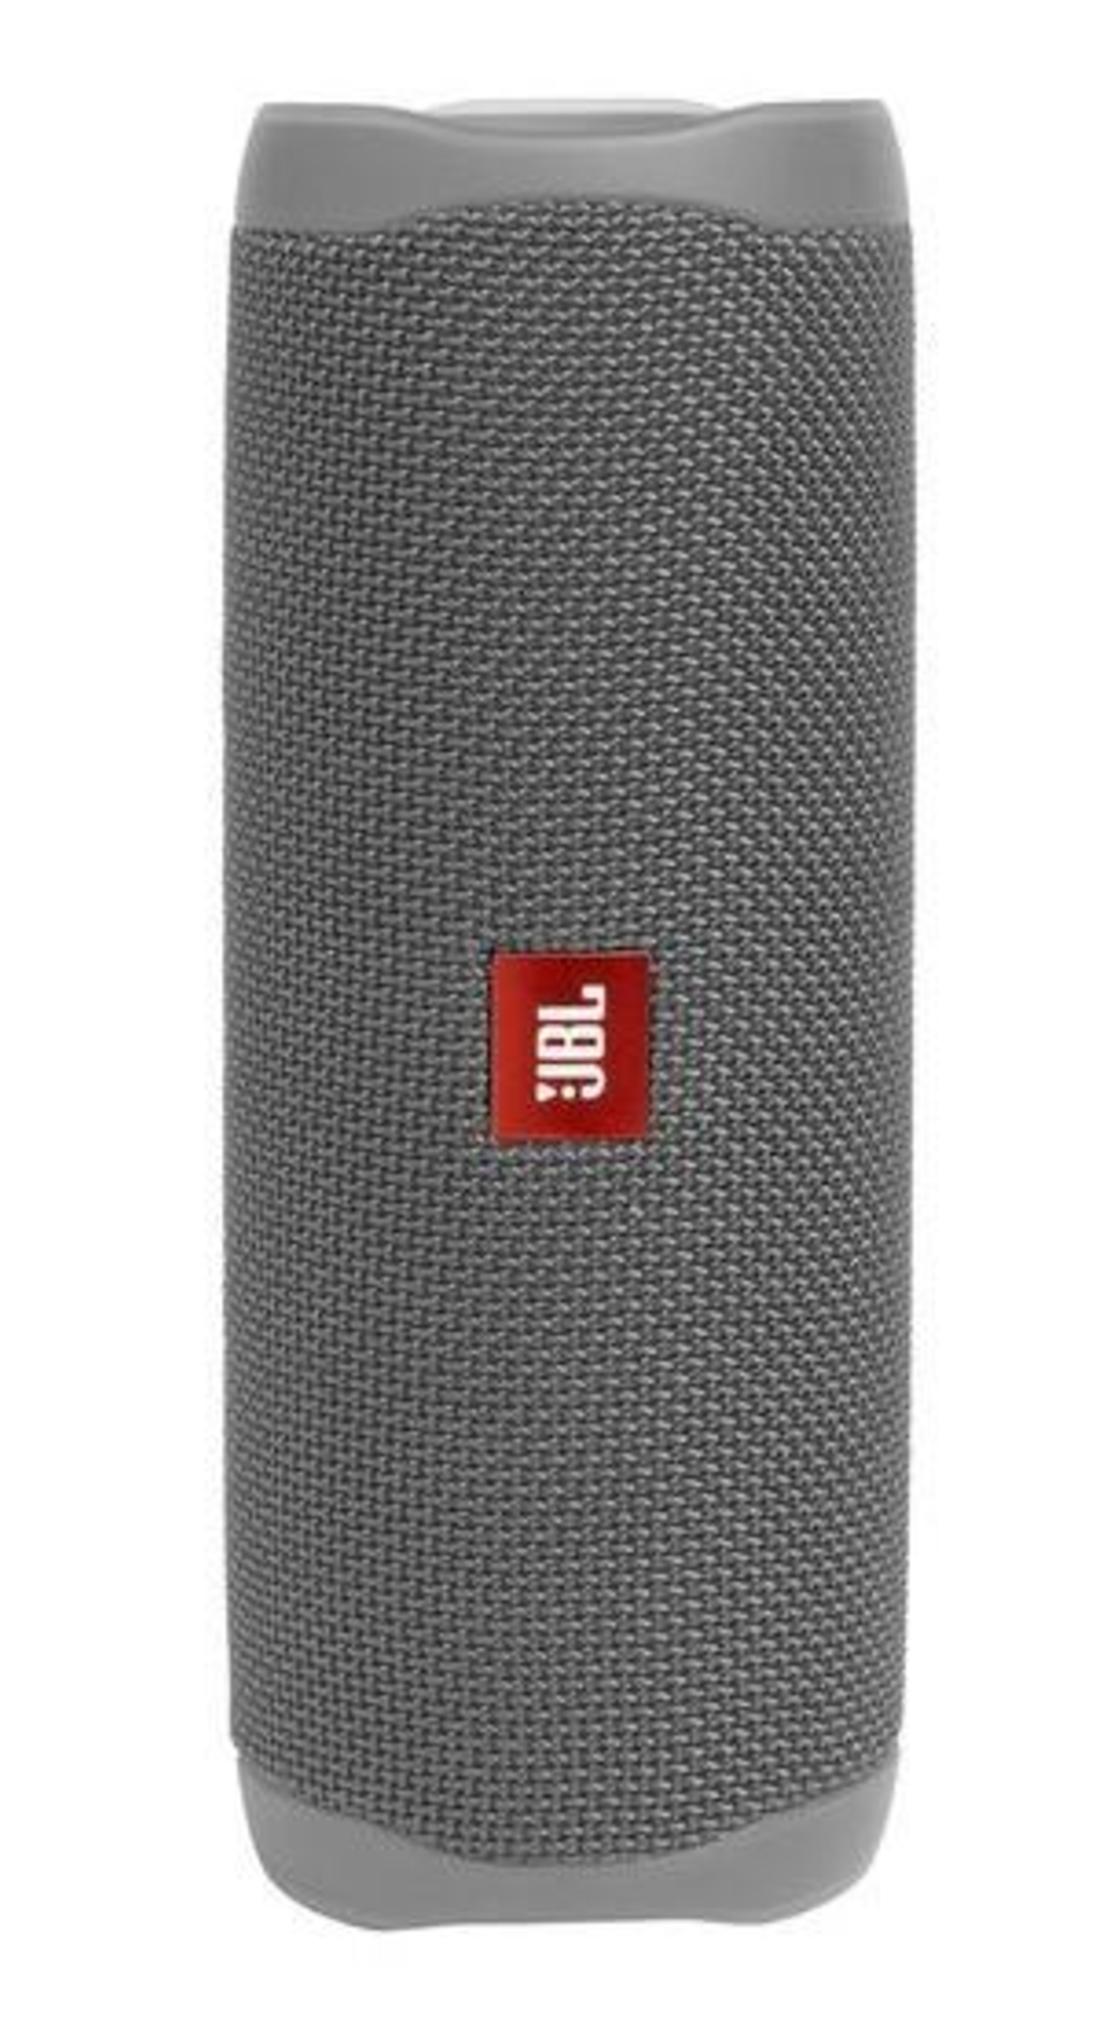 JBL Flip 5 - אפור